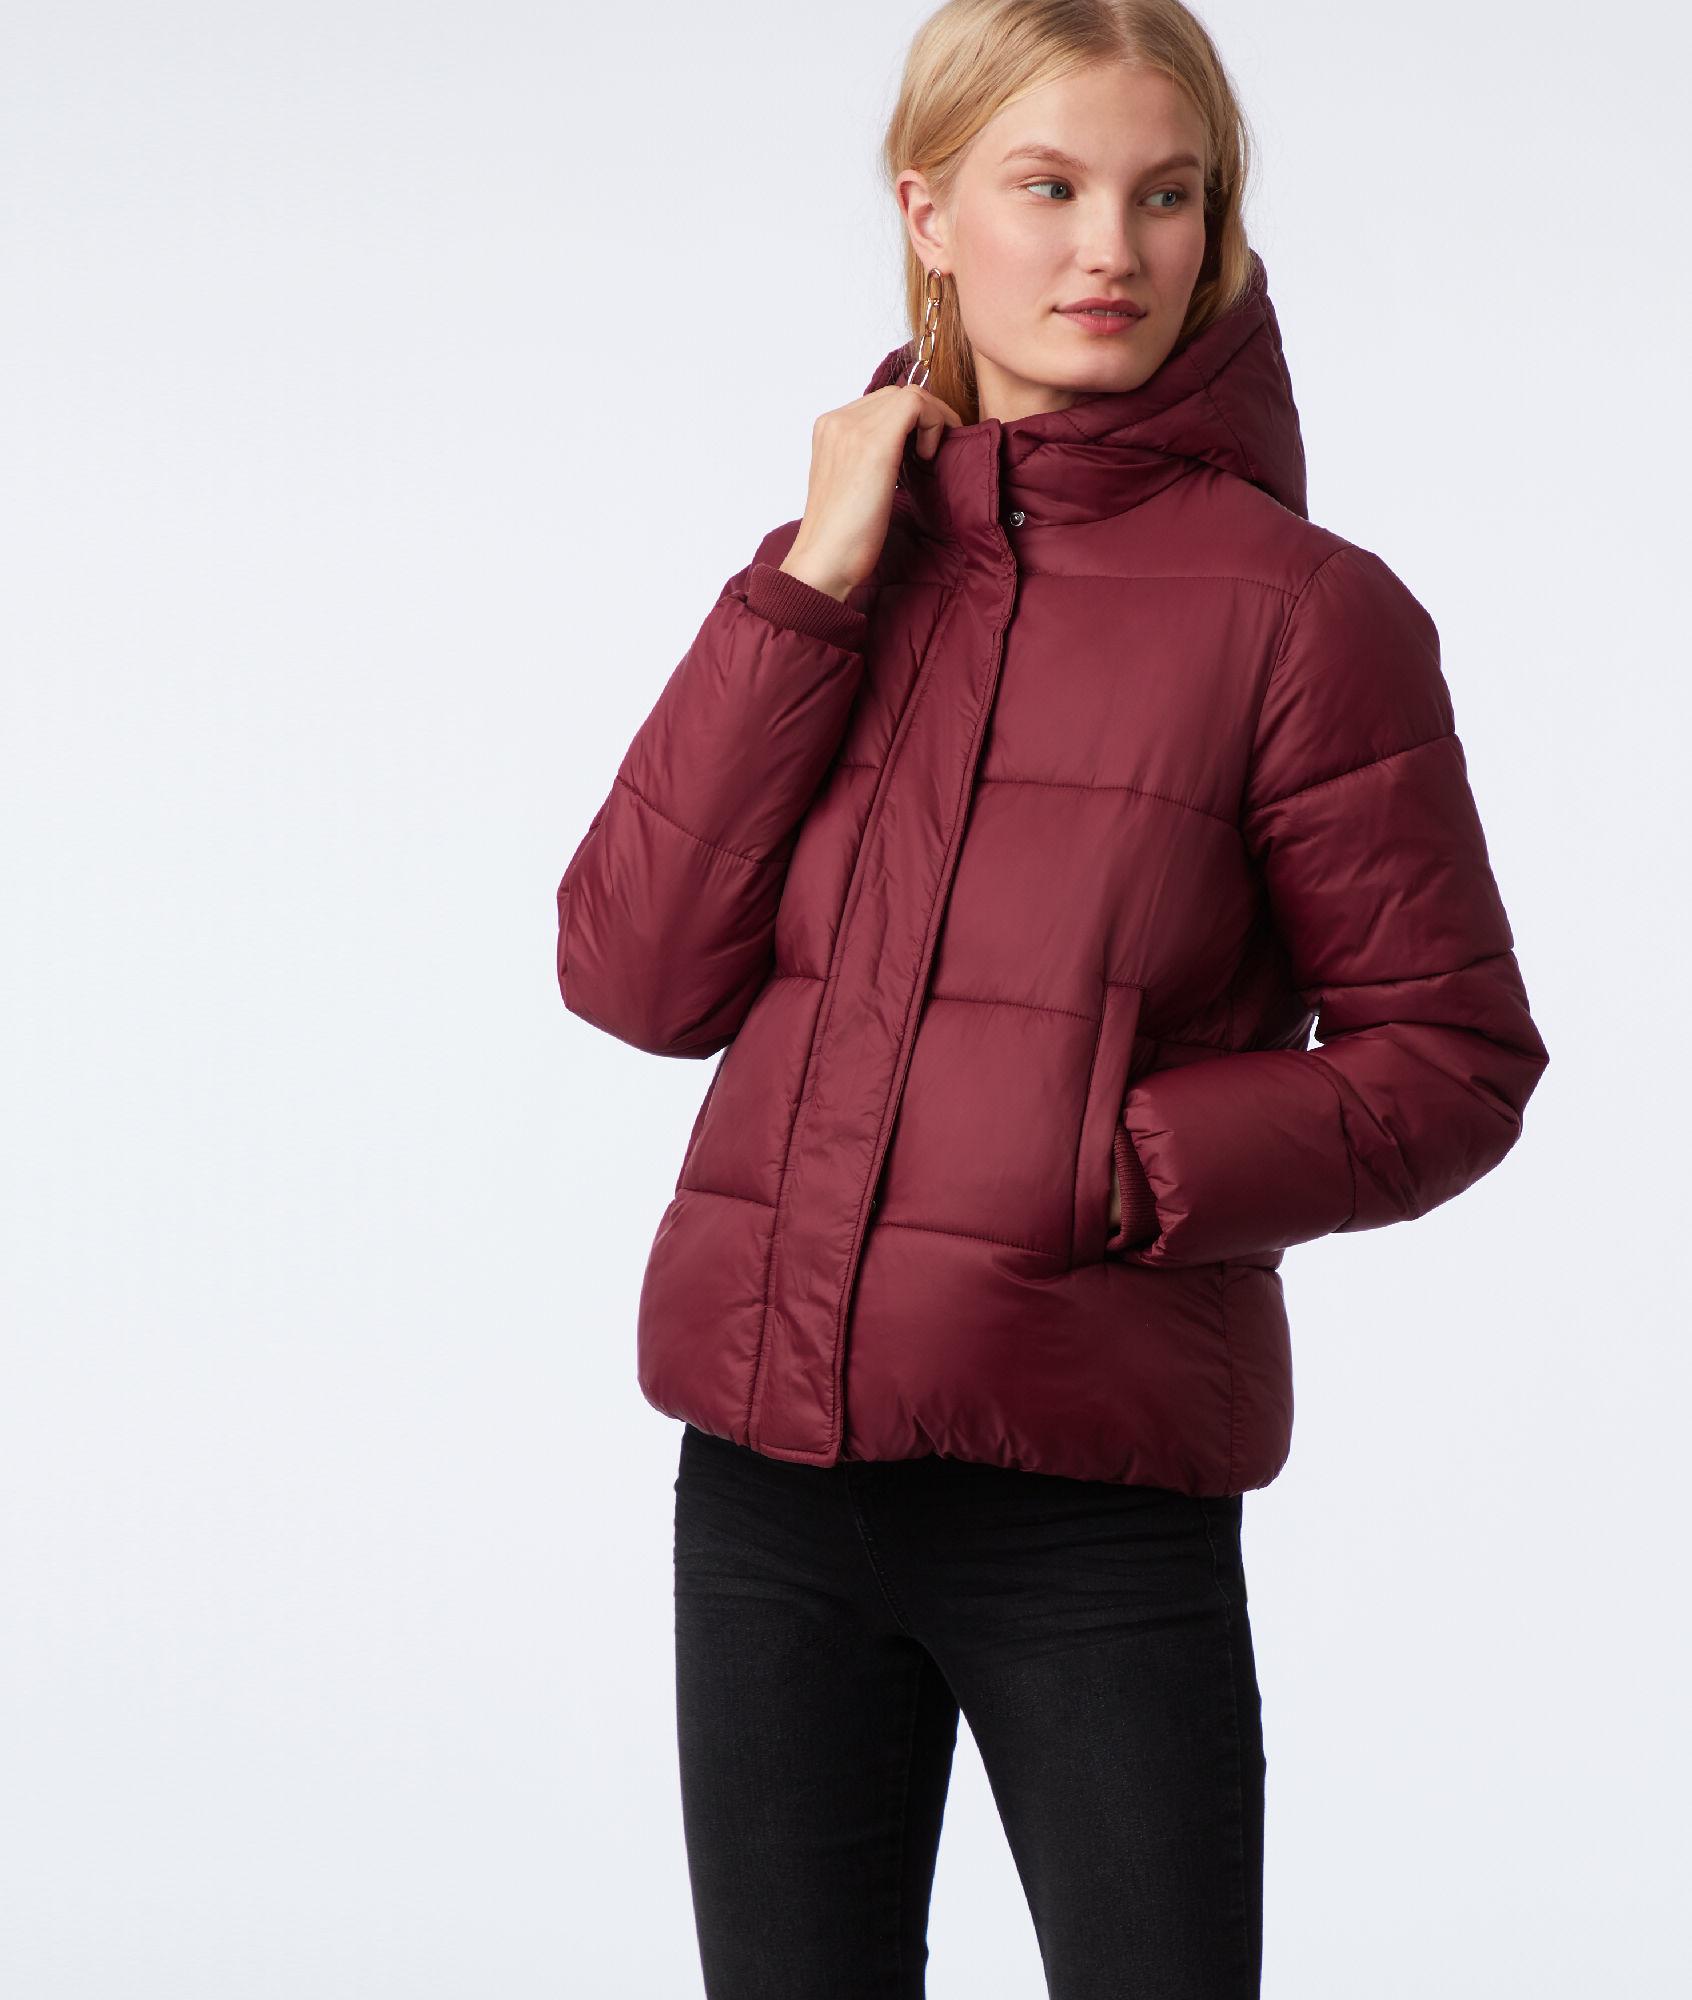 3cb380aec1 Vêtements Etam : Les nouveautés prêt à porter Etam Collection 2019